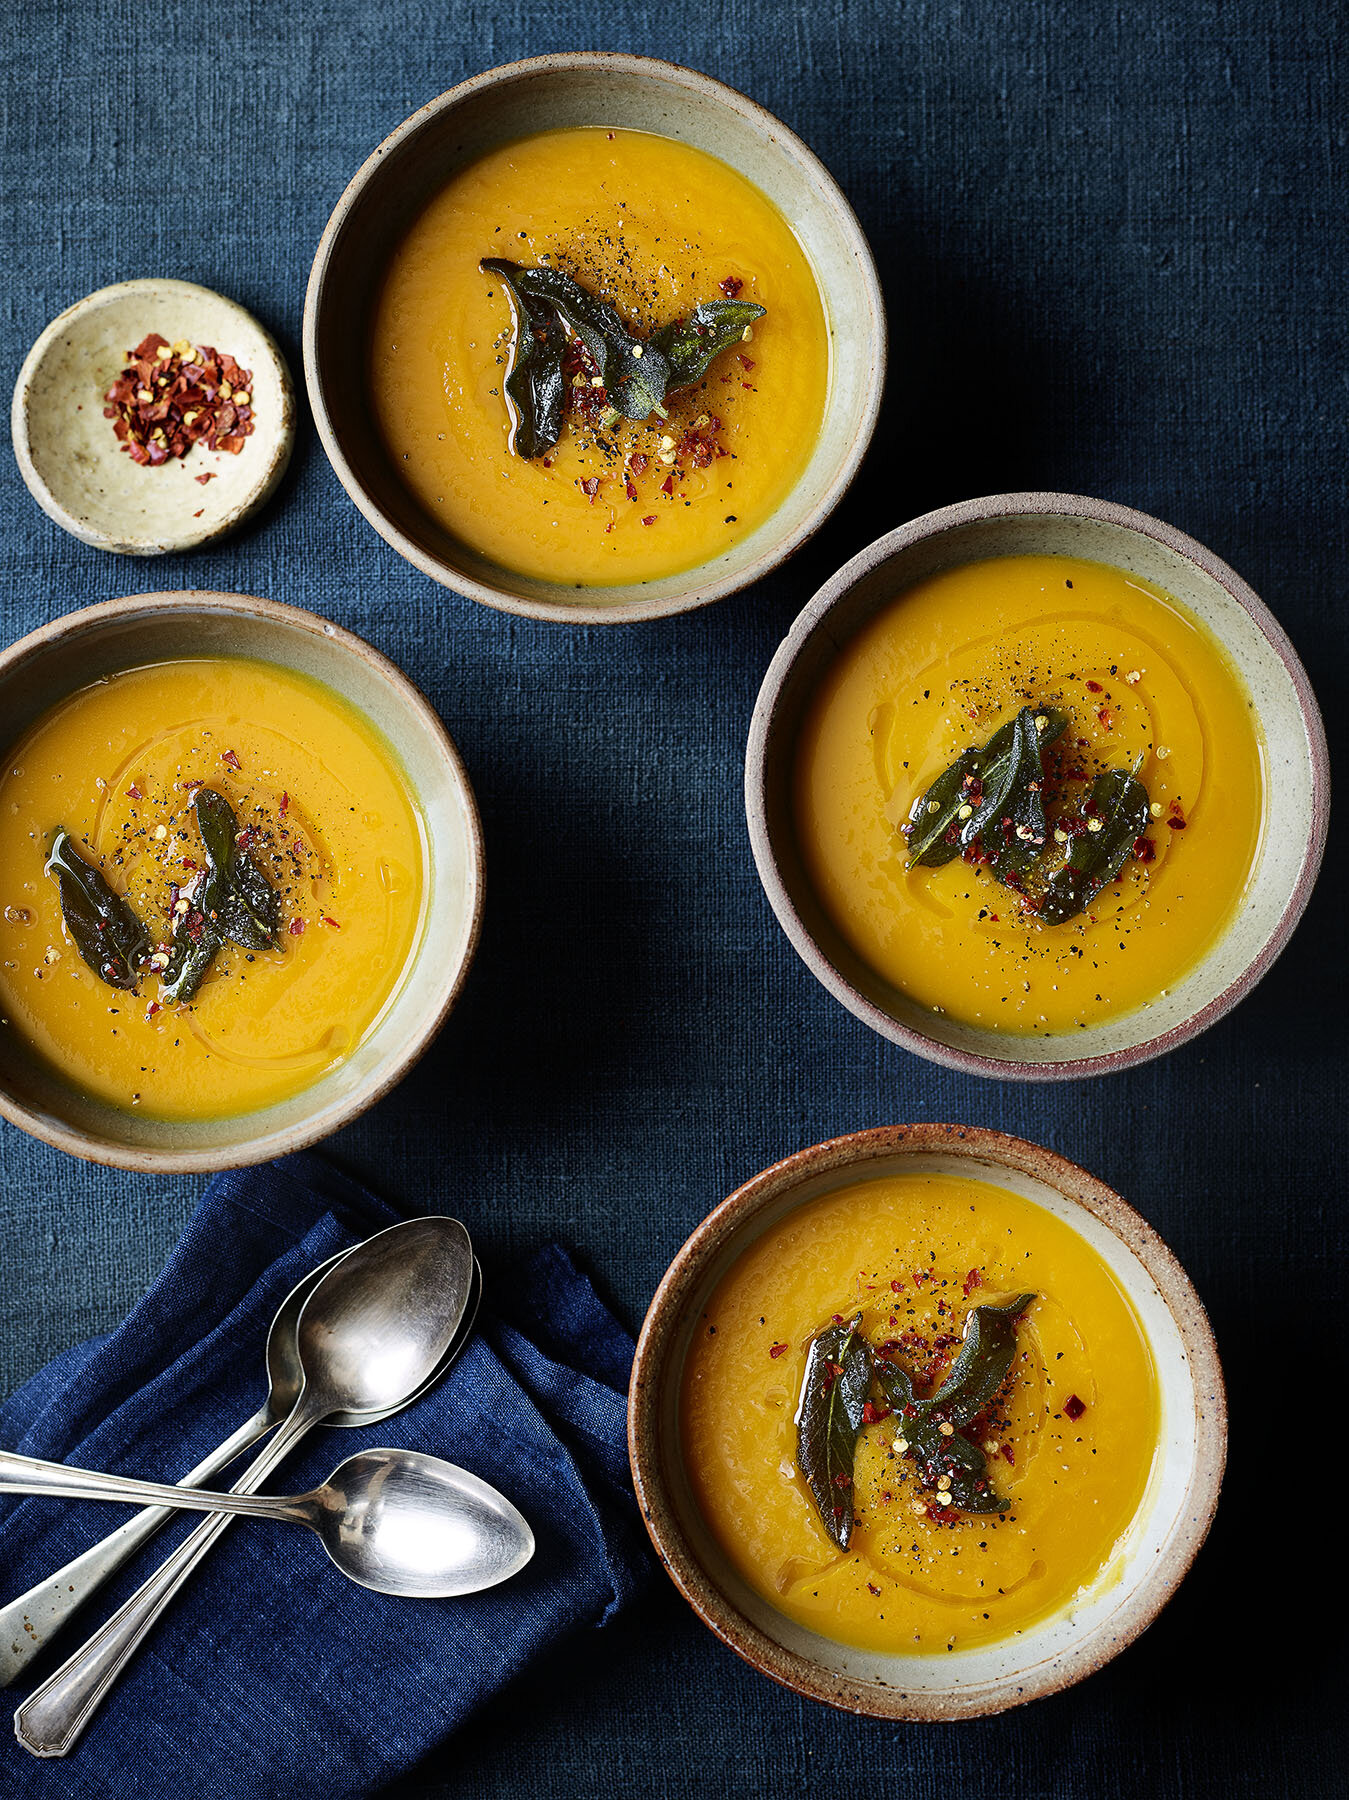 squash_carrot_soup.jpg